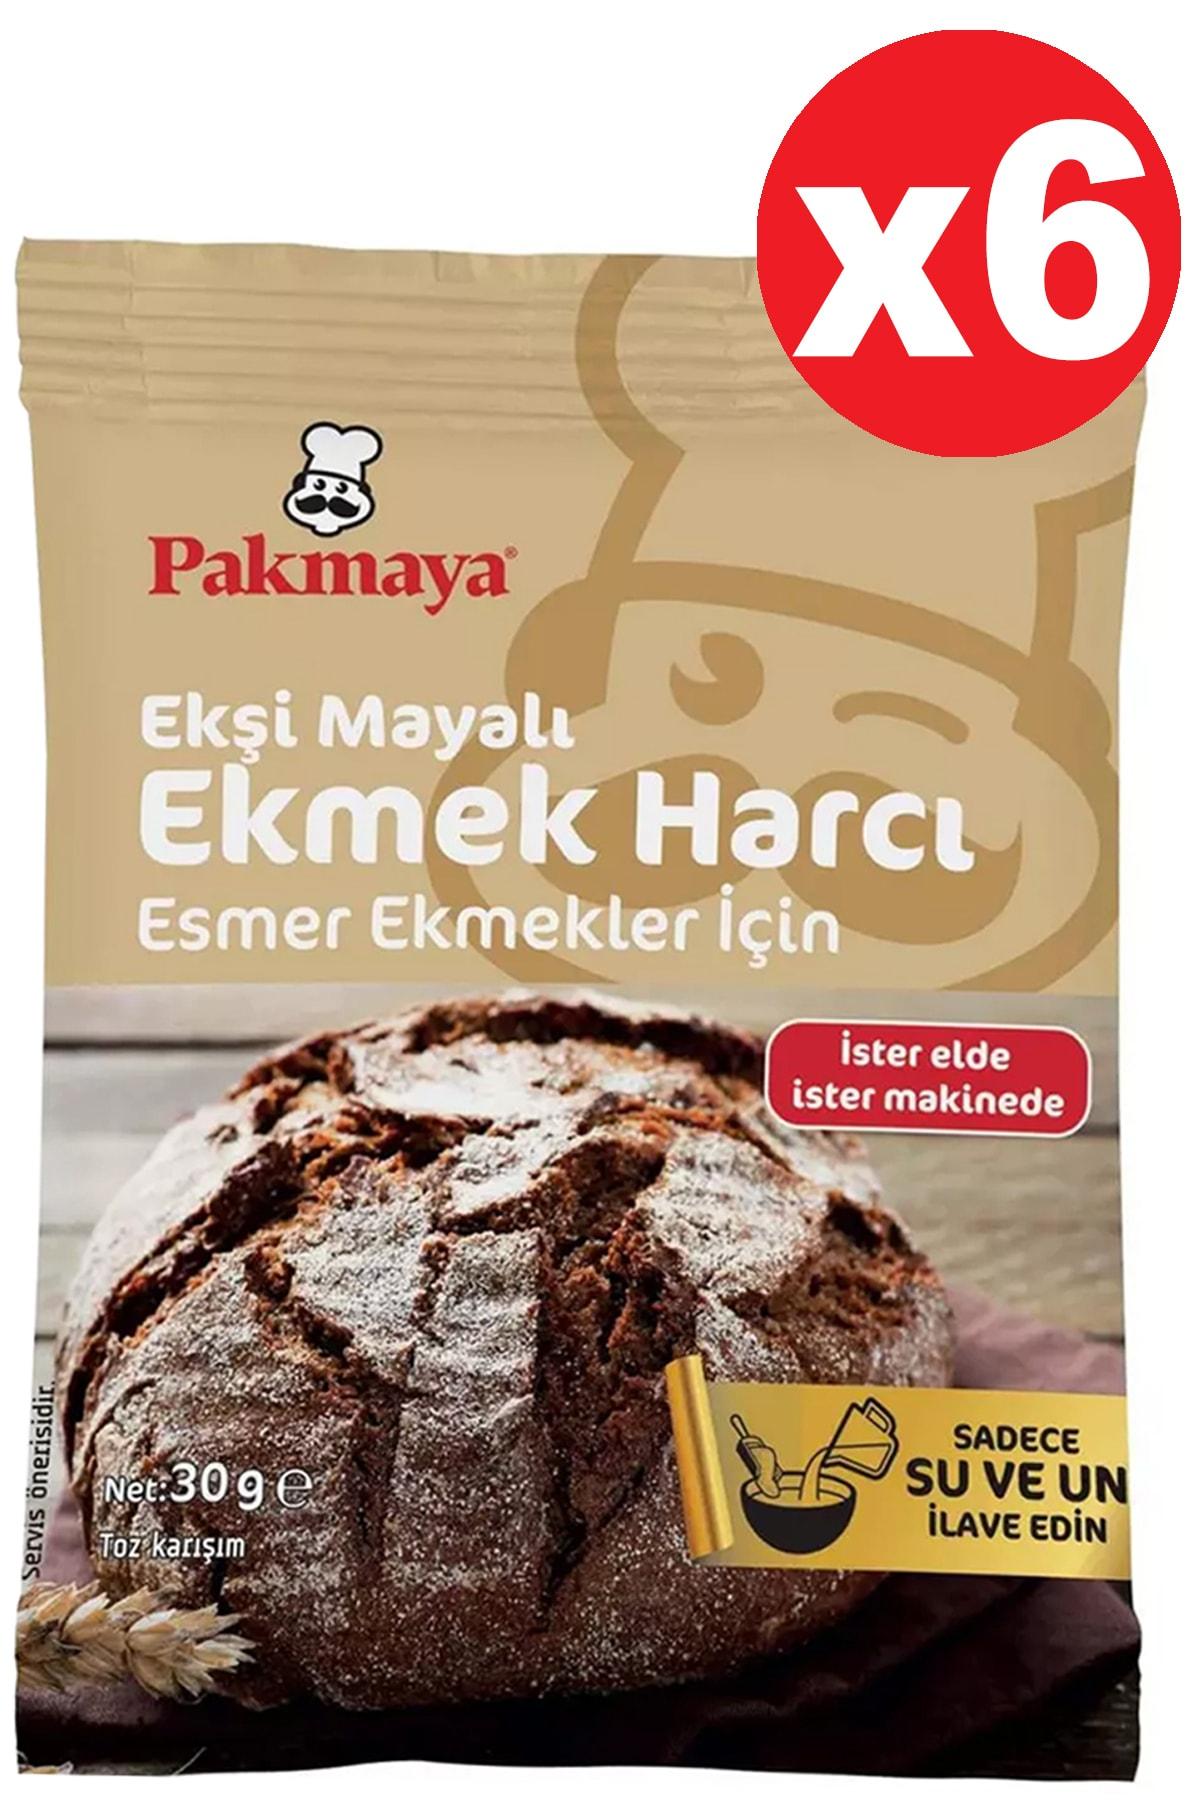 Pakmaya Ekşi Mayalı Esmer Ekmek Harcı 30 grx6 Adet 2